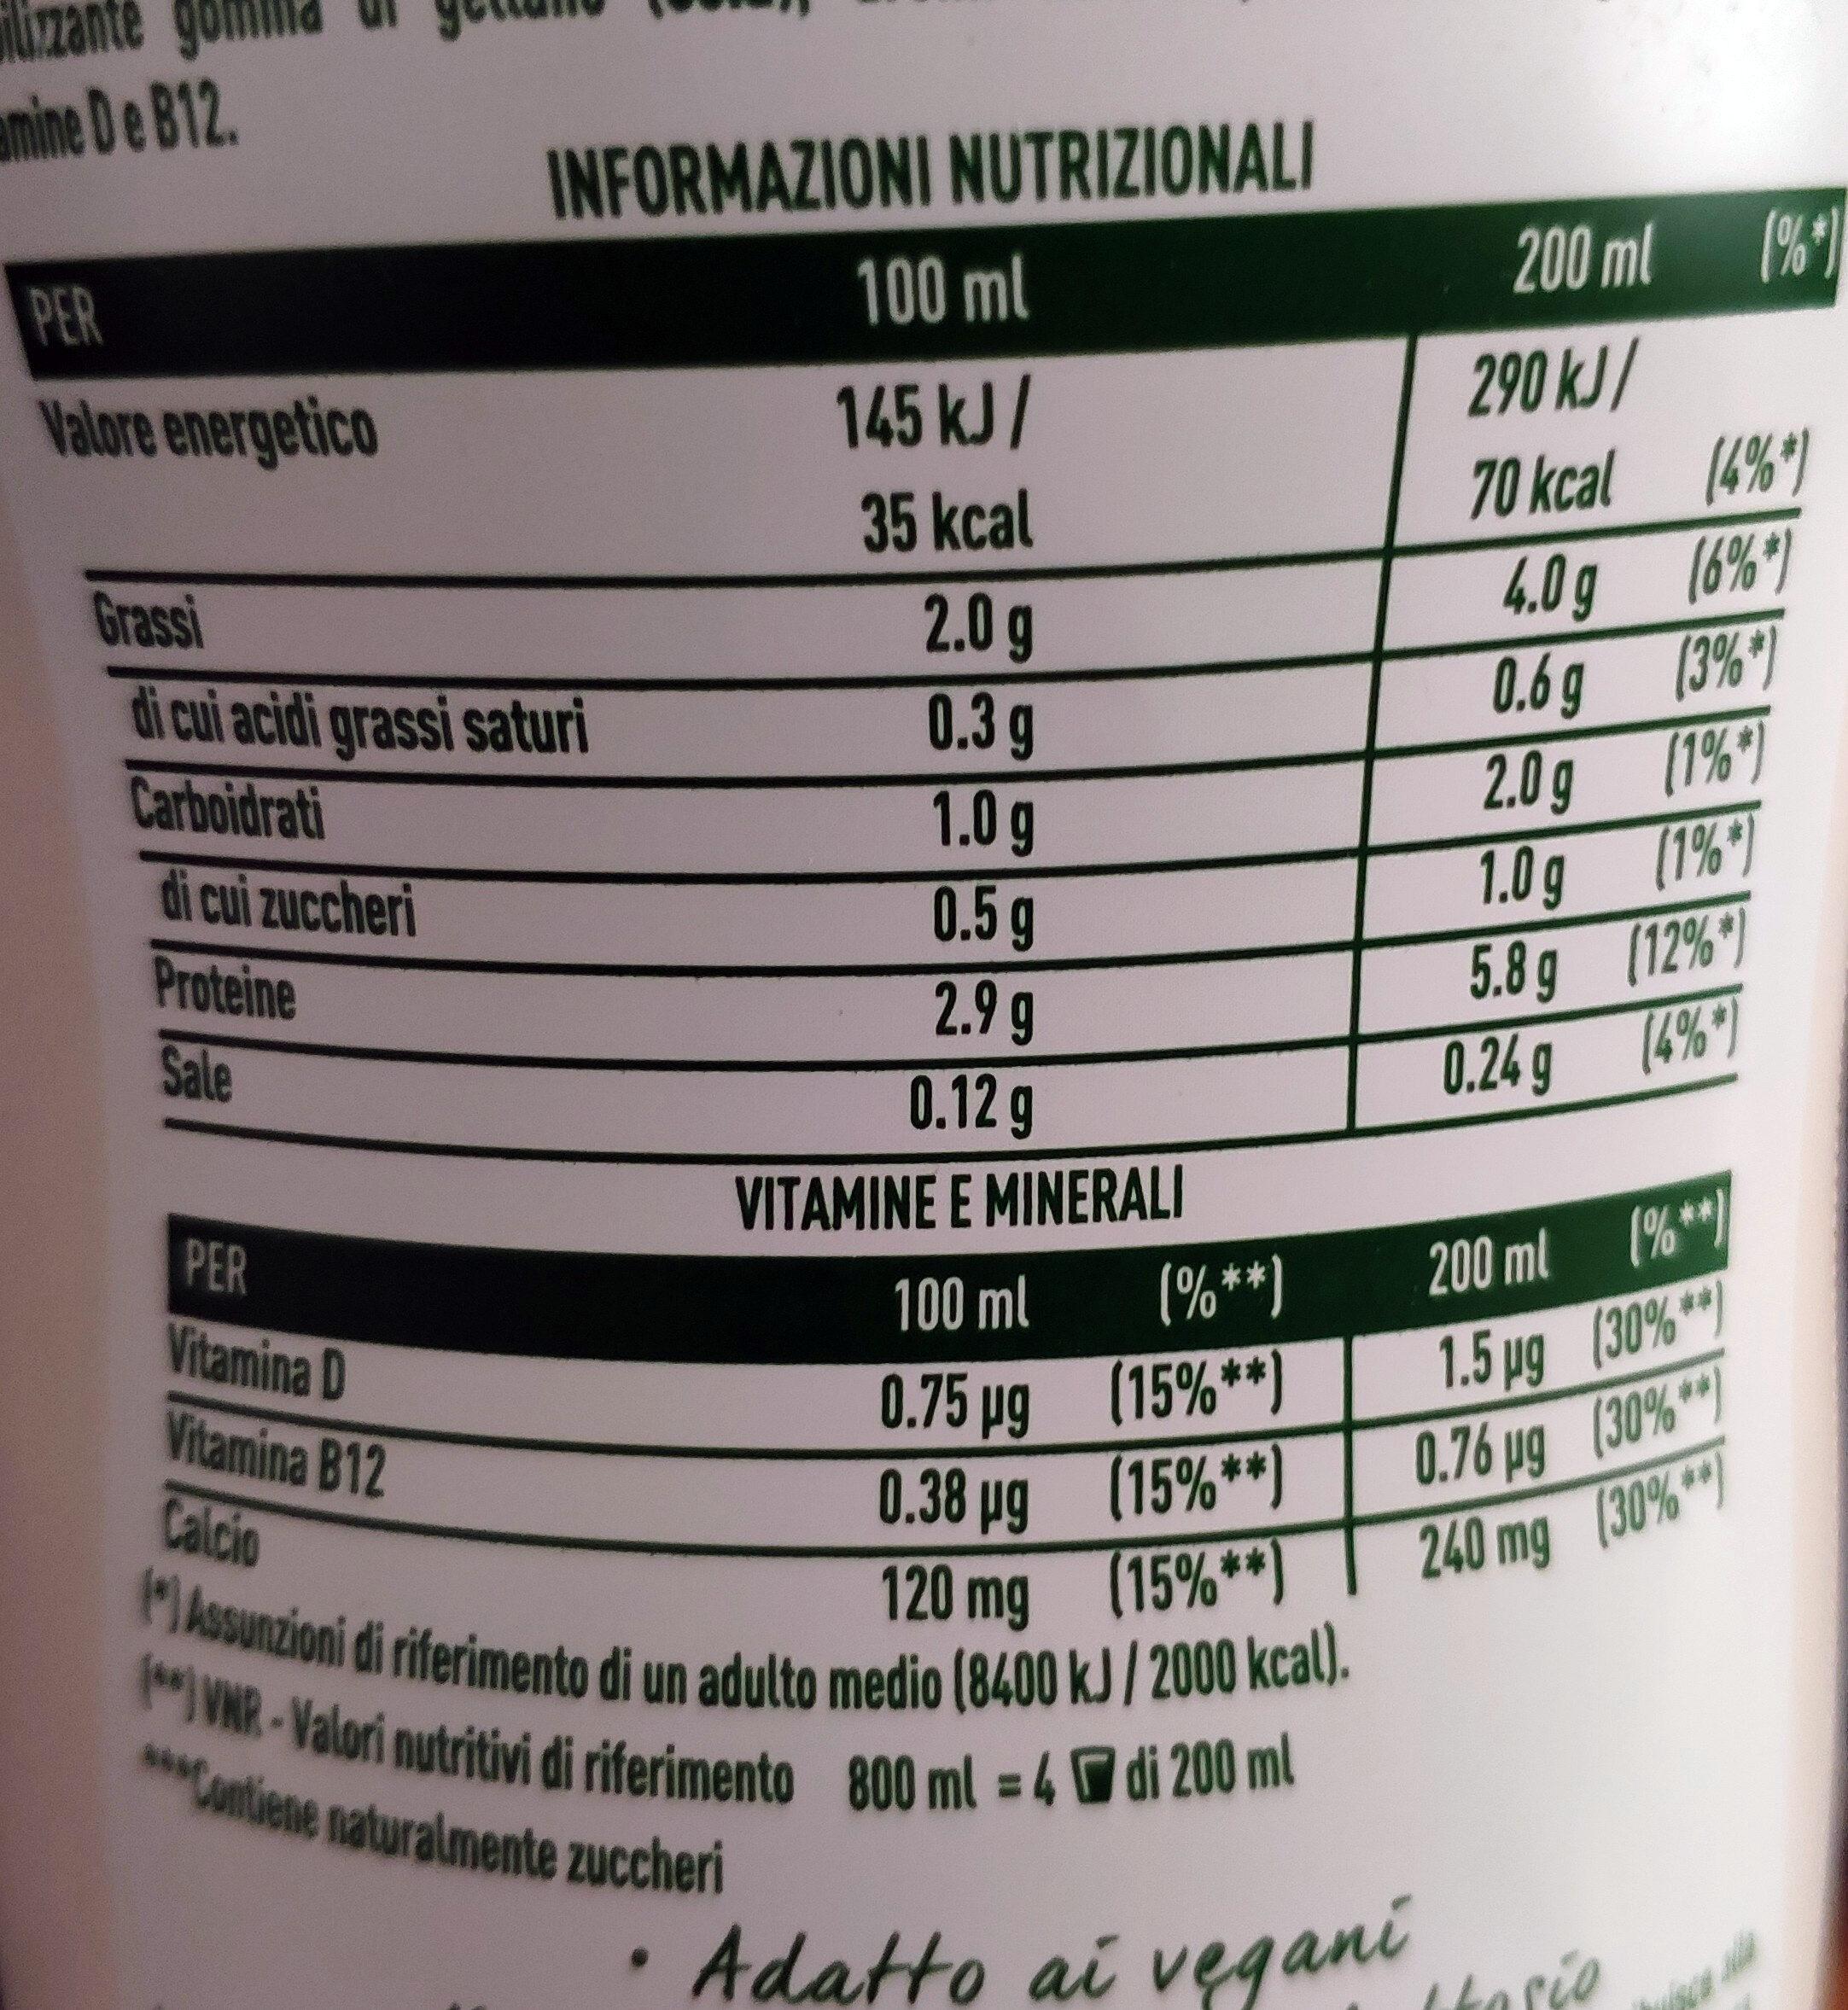 Sorprendete soia gusto delicatamente dolce - Valori nutrizionali - it